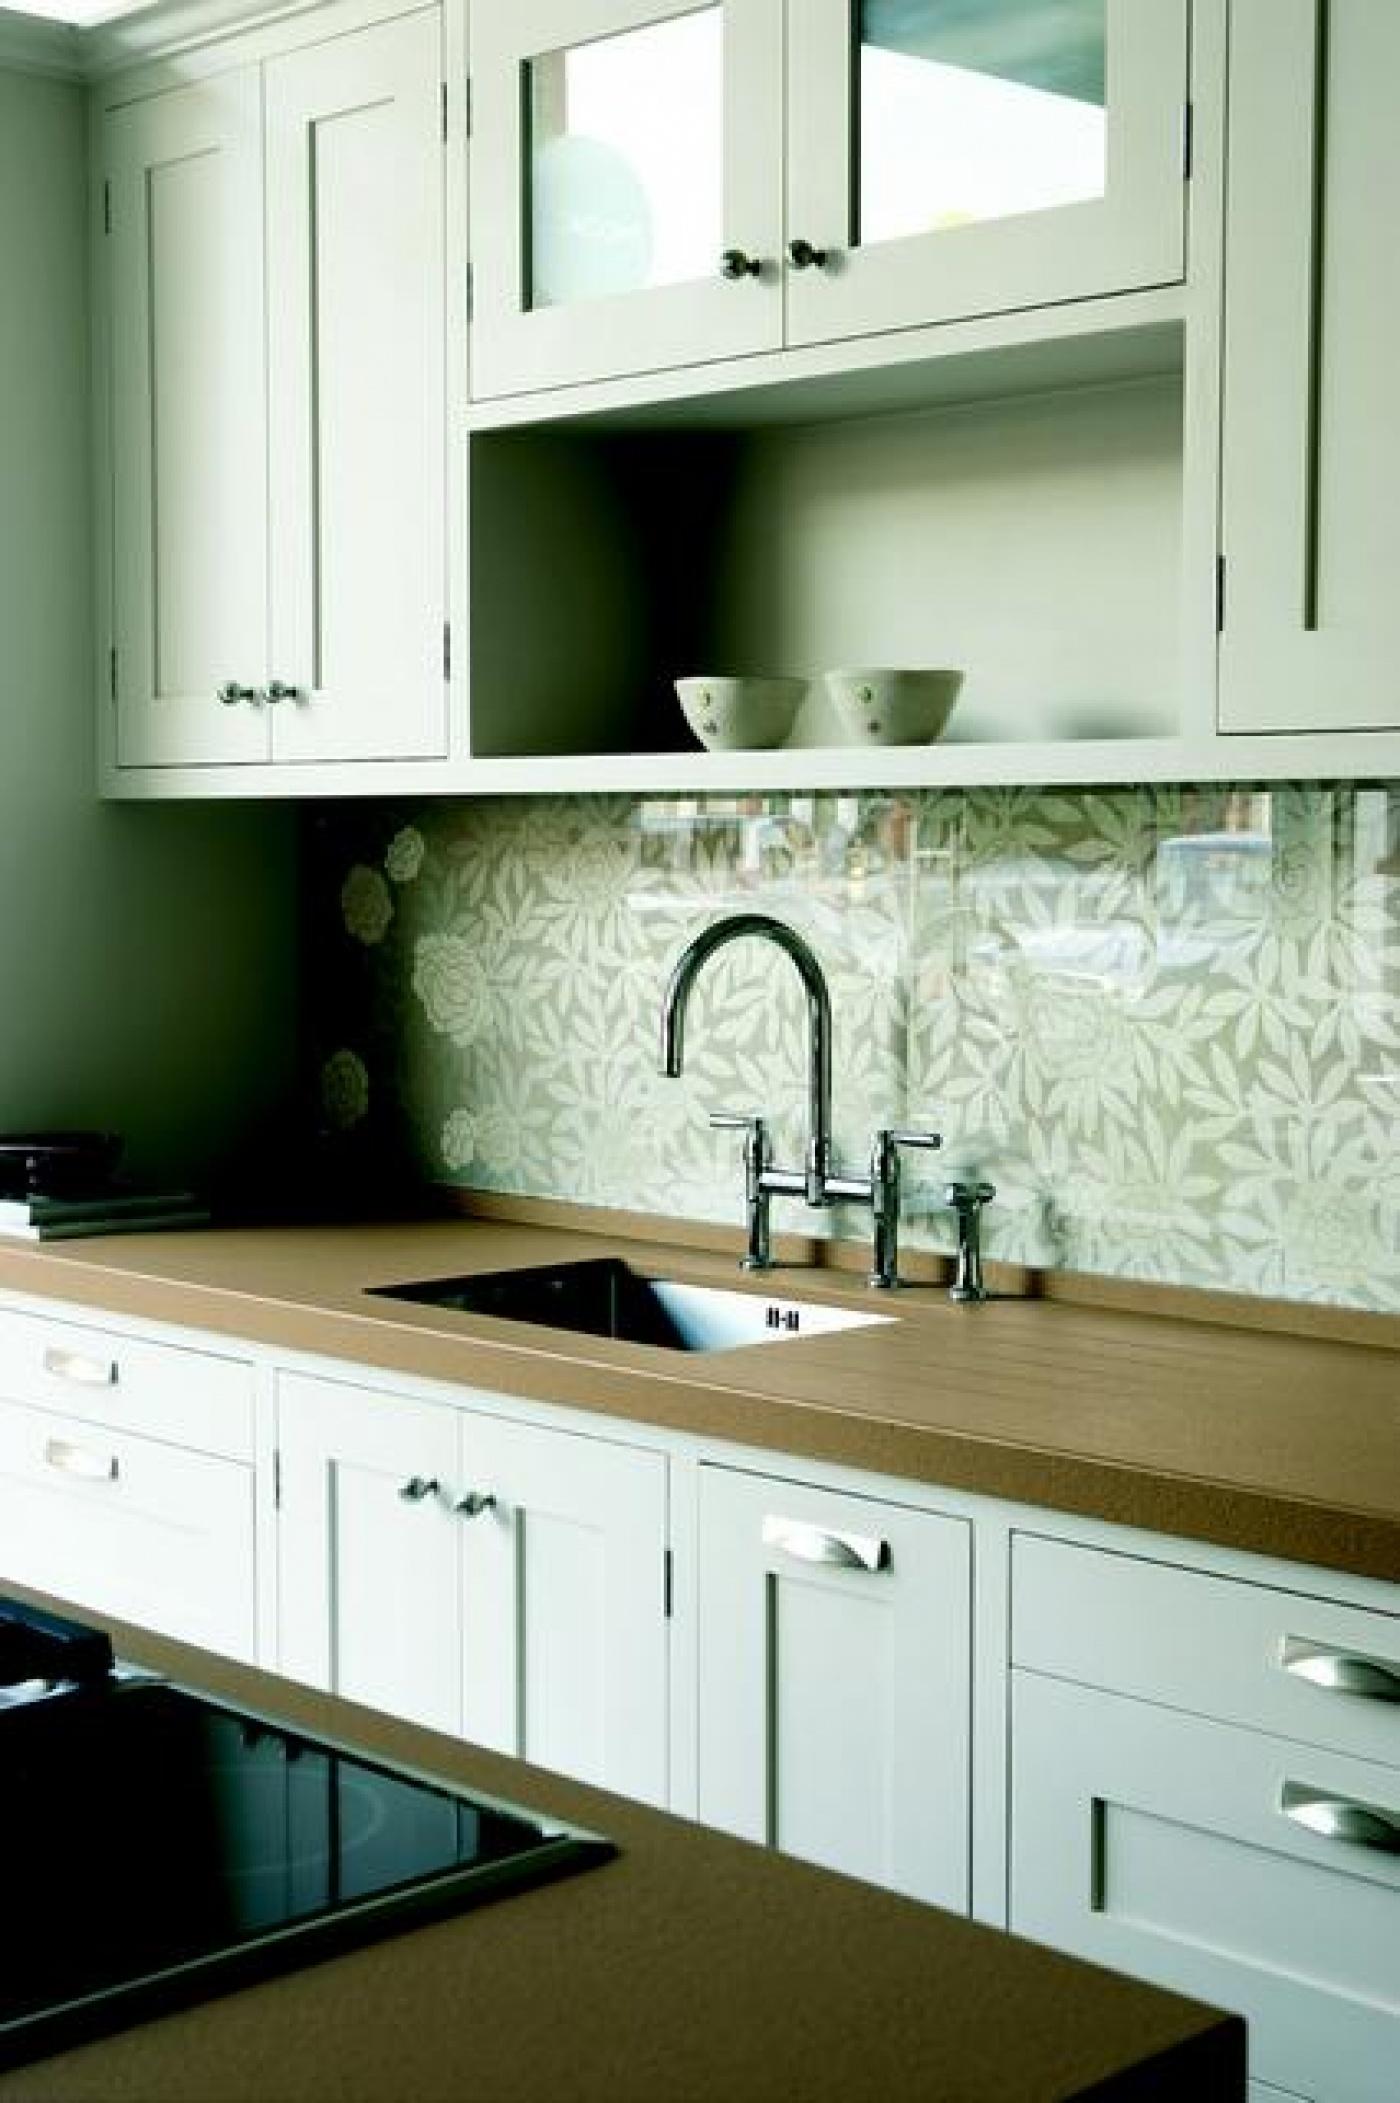 Granit Fabrication et pose de plan de travail de cuisine en quartz sur mesure Marron Canela, evier inox